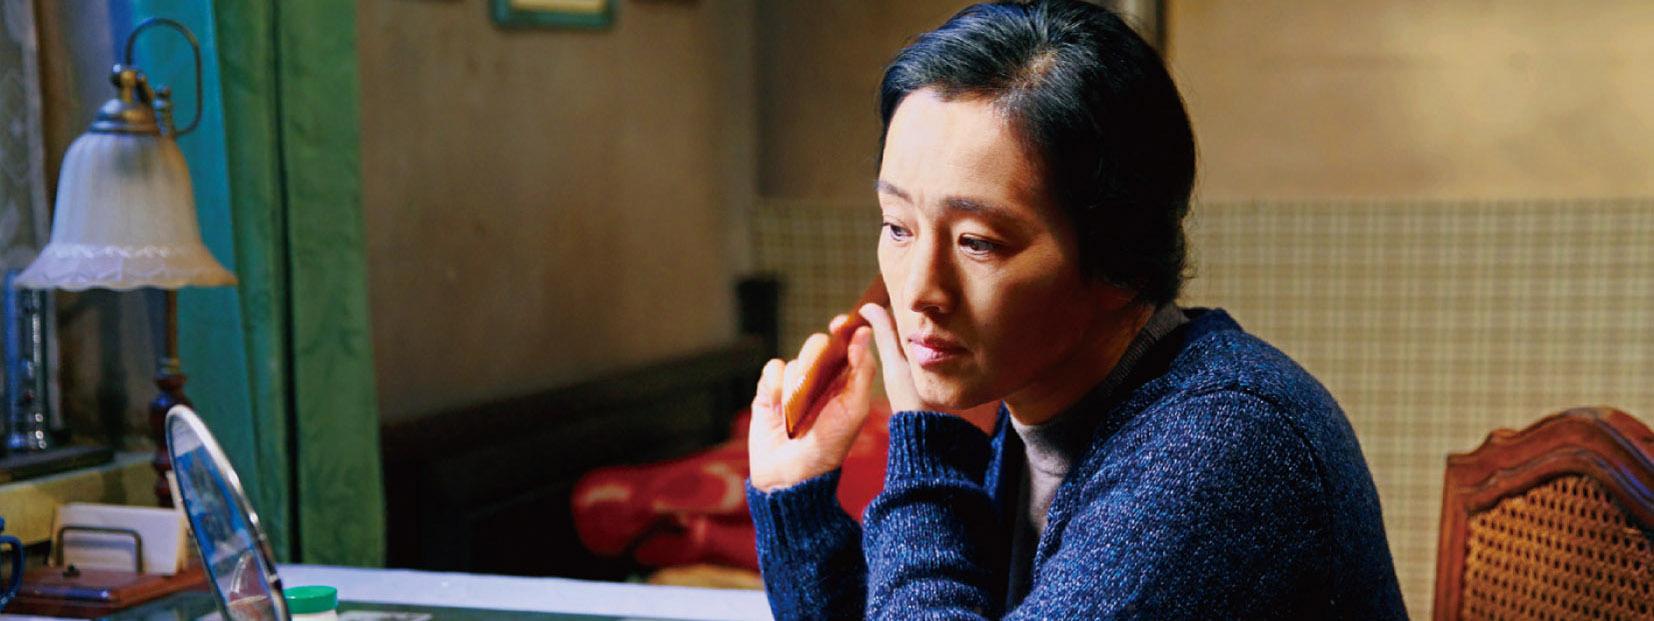 【映画】チャン・イーモウ監督 『妻への家路』のみどころ